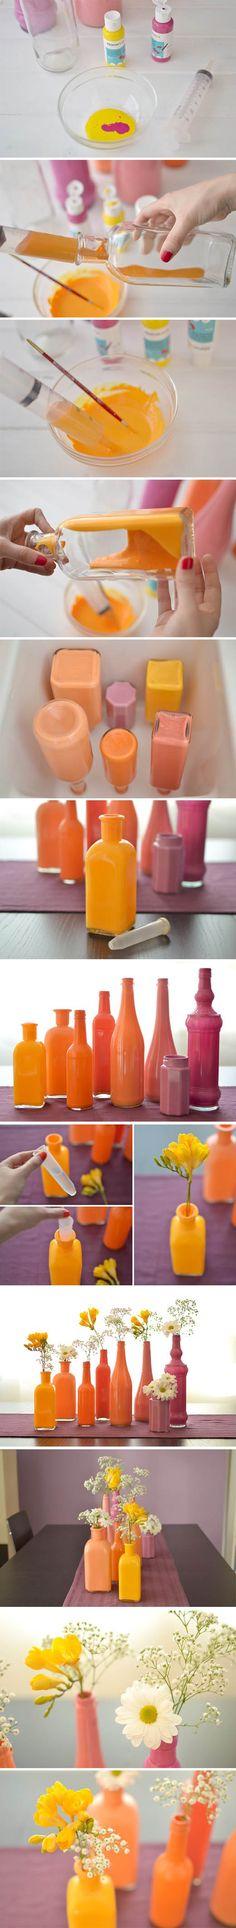 botellas pintadas muy ingenioso